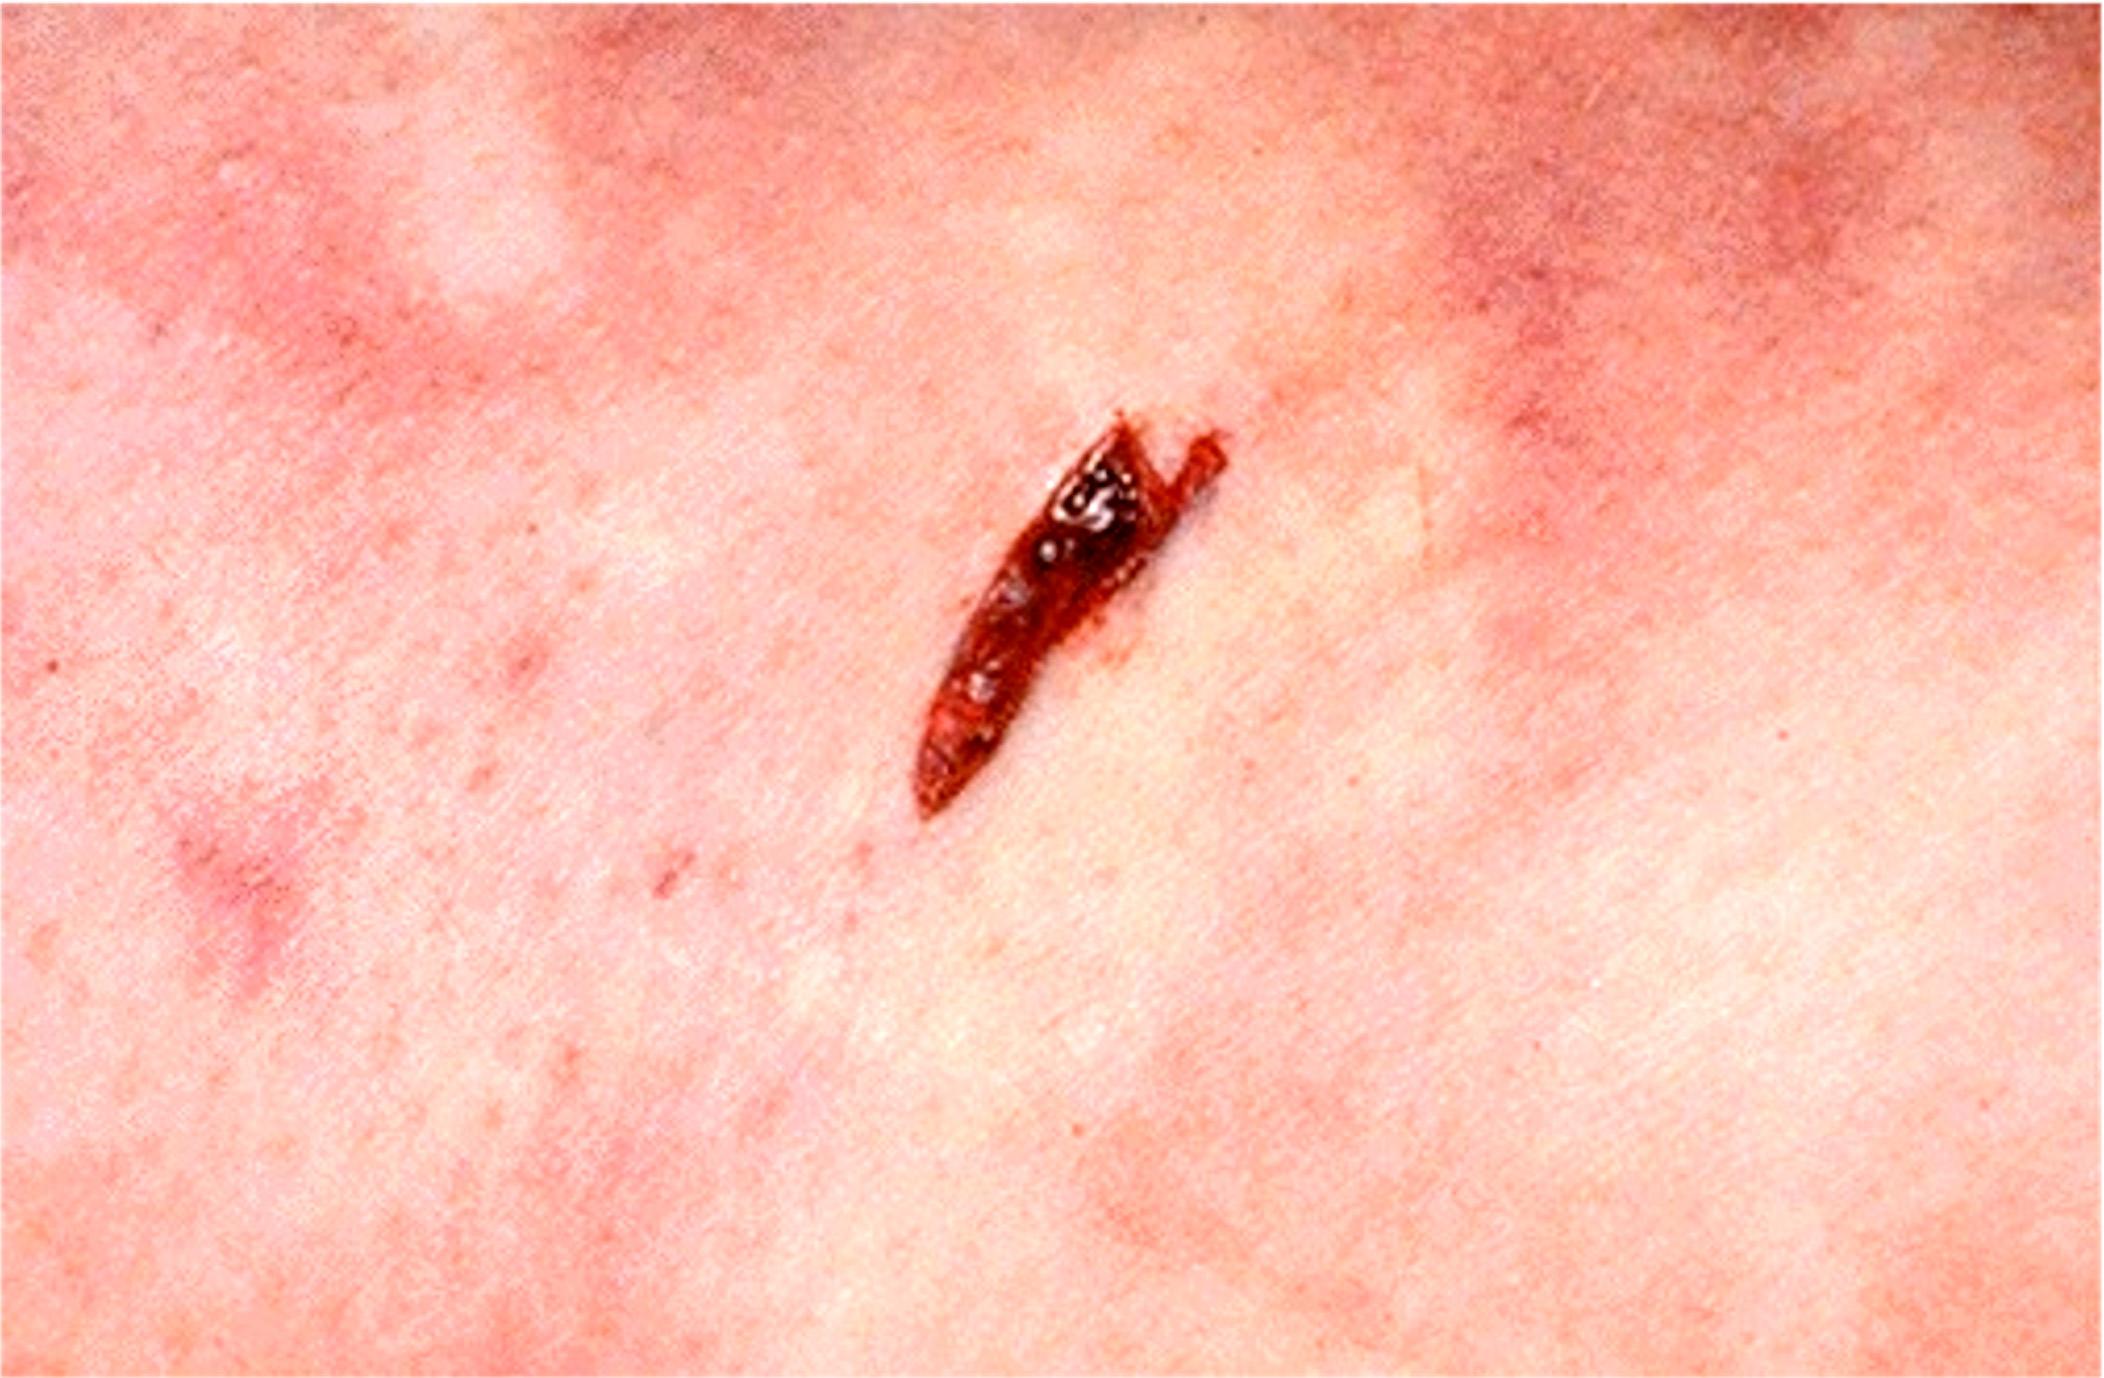 Exit gunshot wound